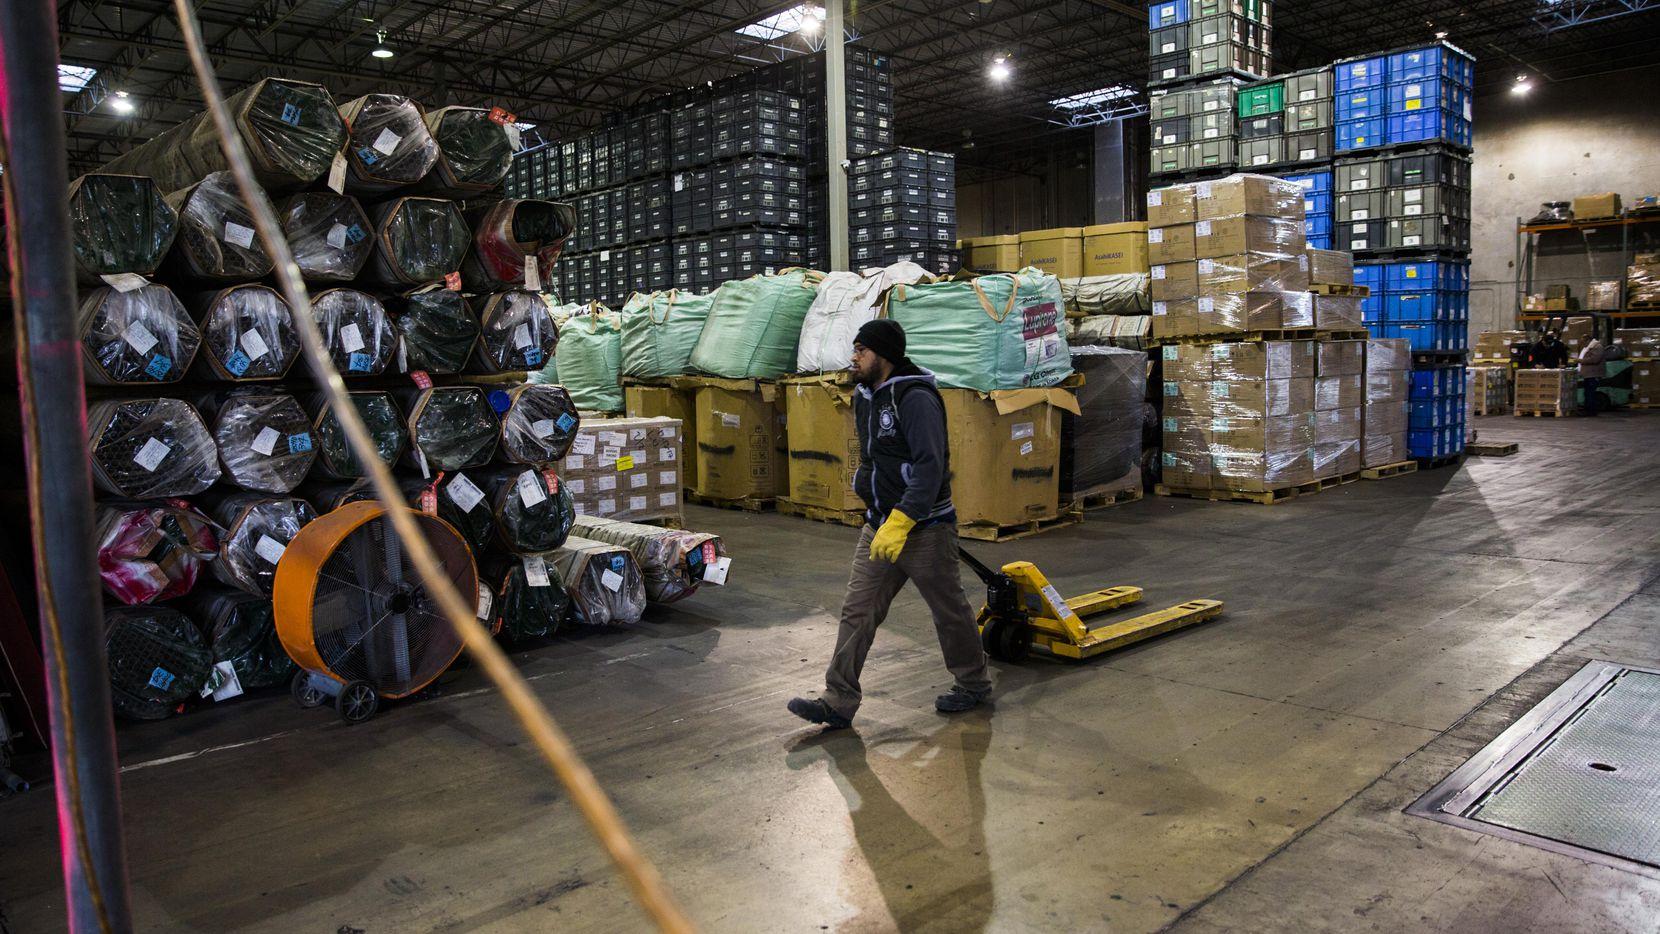 Francisco Garza camina por una bodega de Bespoke-Logistics en McAllen. Un estudio de SMU afirma que NAFTA ayudó a crear más empleos en Texas. (DMN/ASHLEY LANDIS)